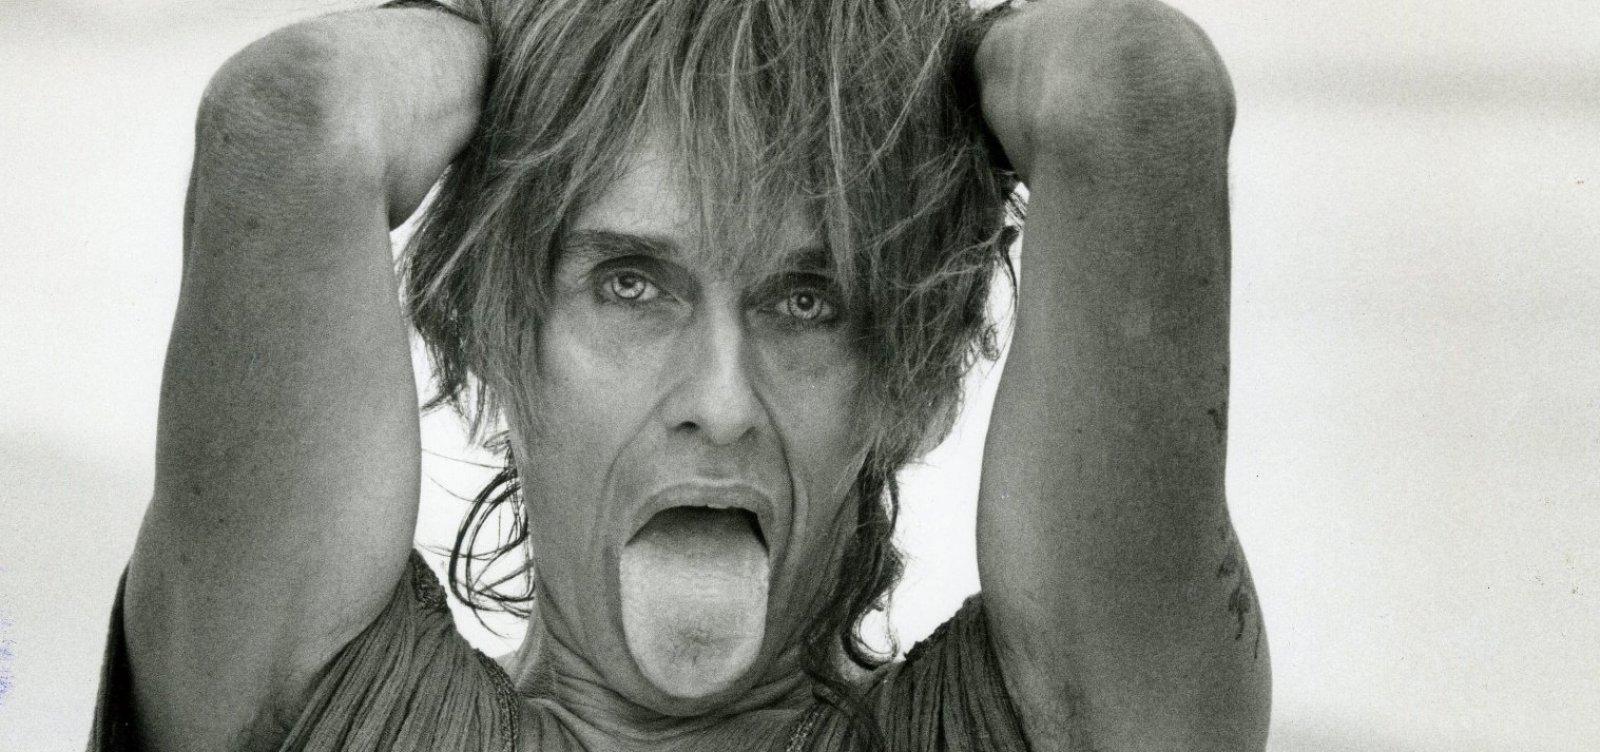 [Morre Serguei, ícone do comportamento rock'n'roll no Brasil, aos 85 anos ]